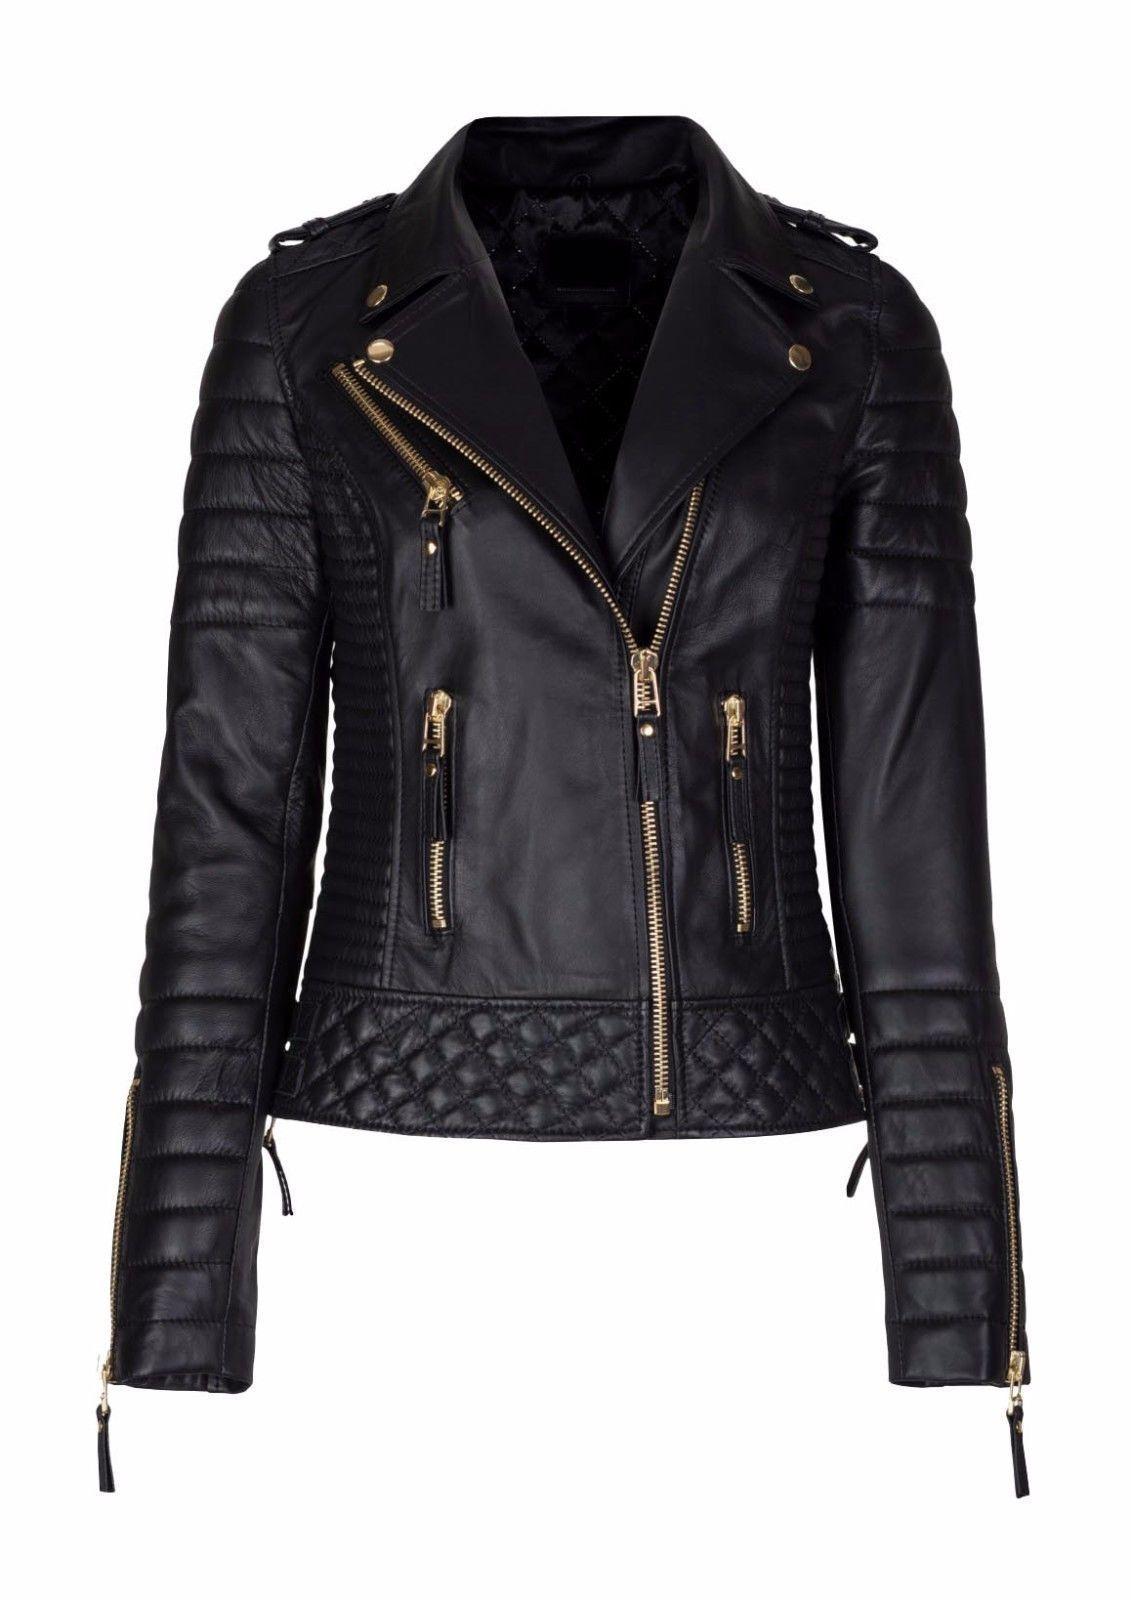 New Women/'s Genuine Lambskin soft Leather Motorcycle Slim fit Biker Jacket